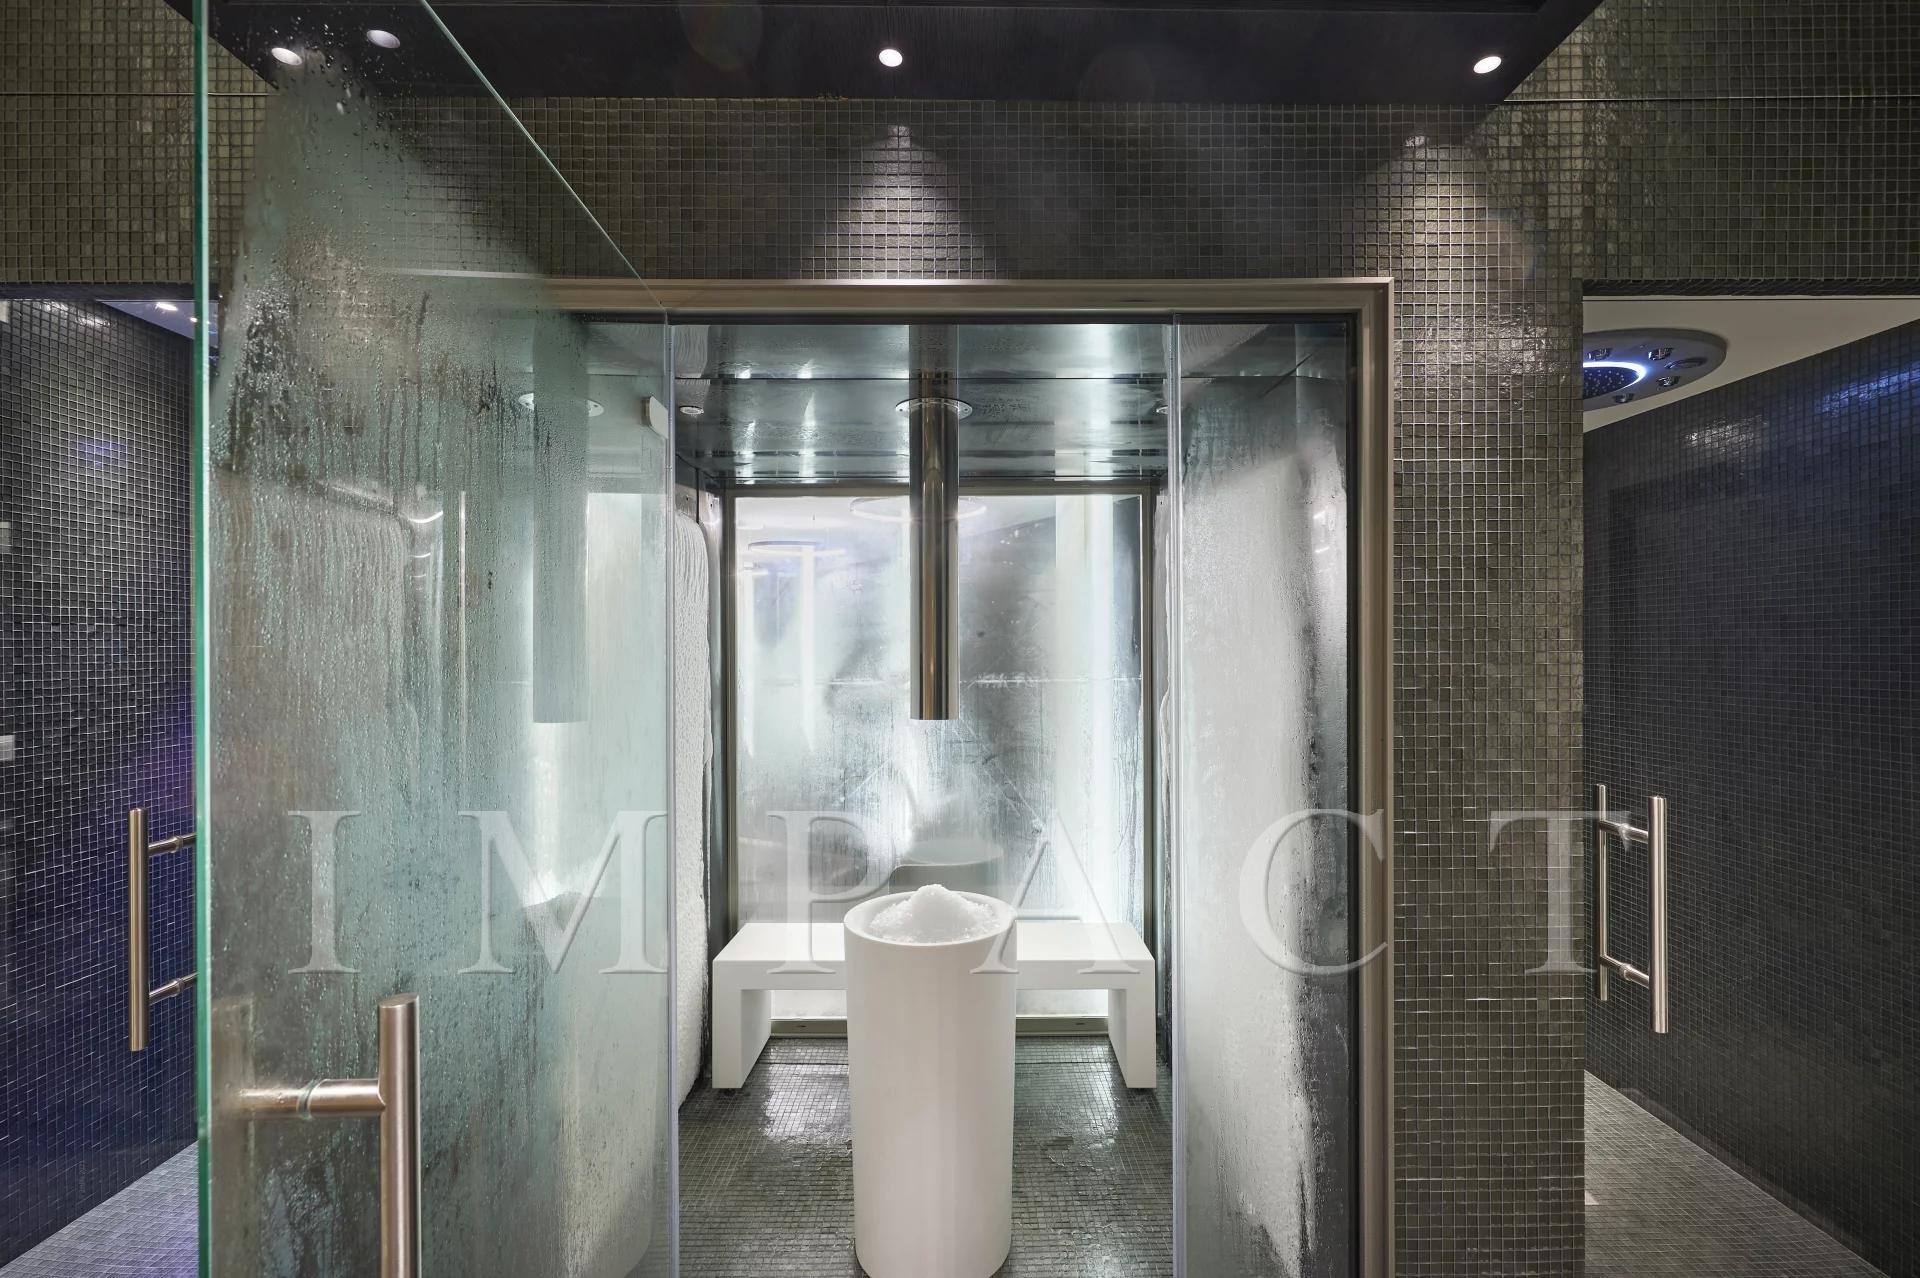 Seasonnal rent - 3 bedrooms 3 bathrooms